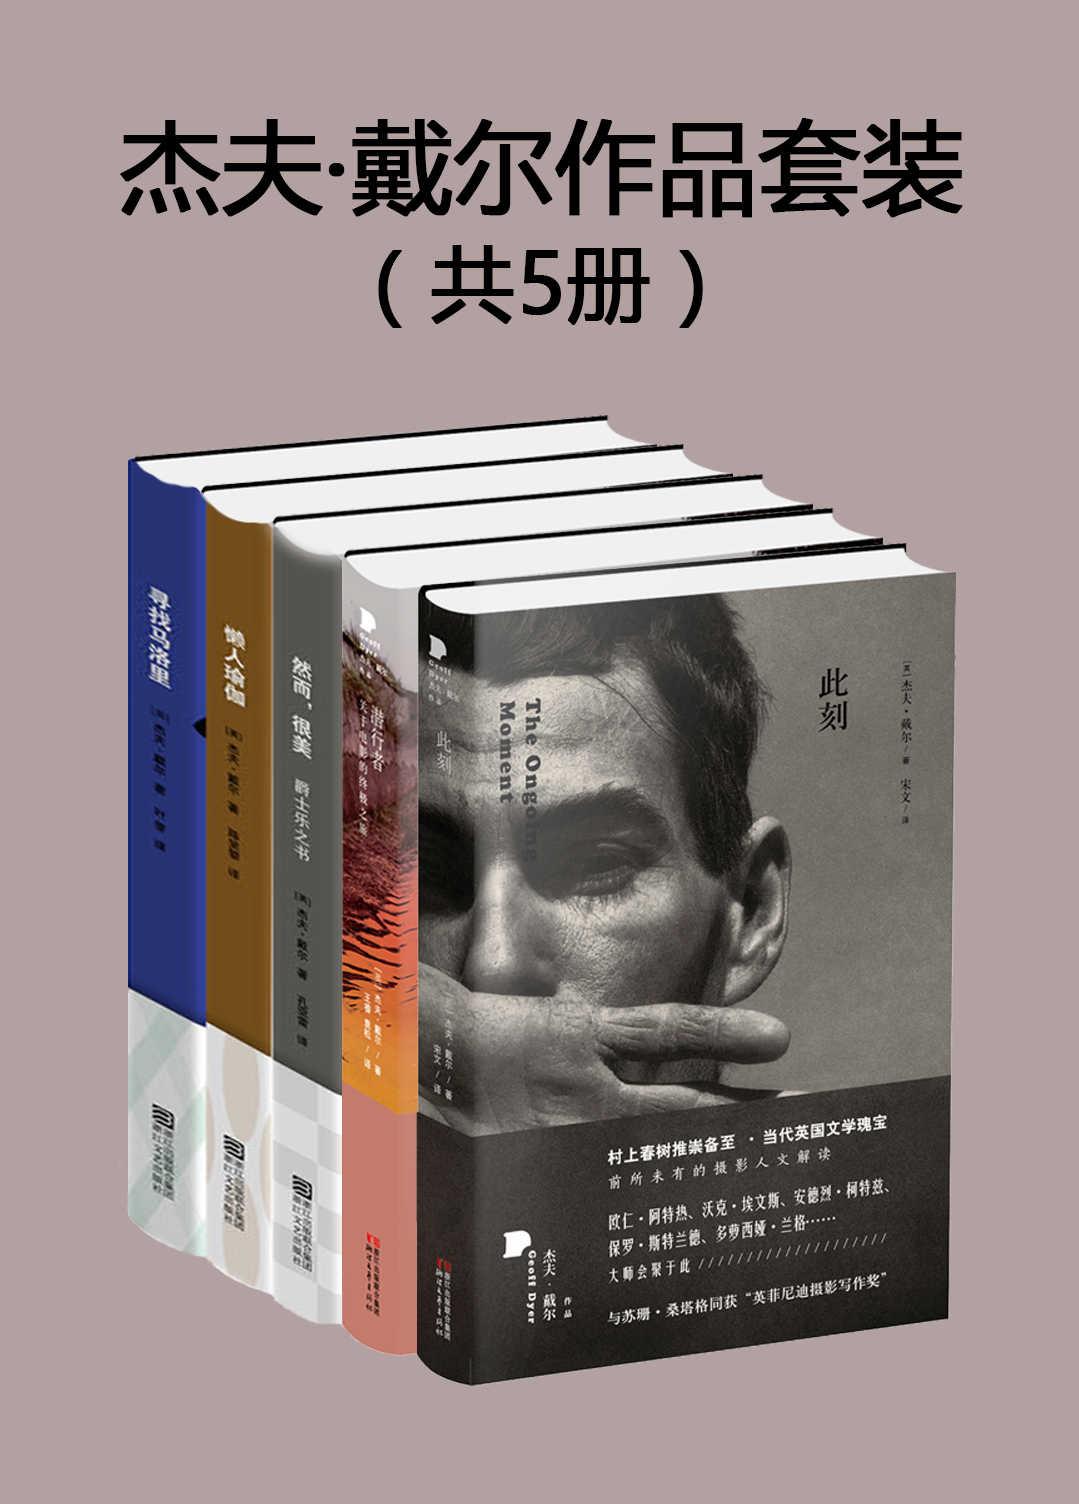 杰夫·戴尔作品套装(共5册)